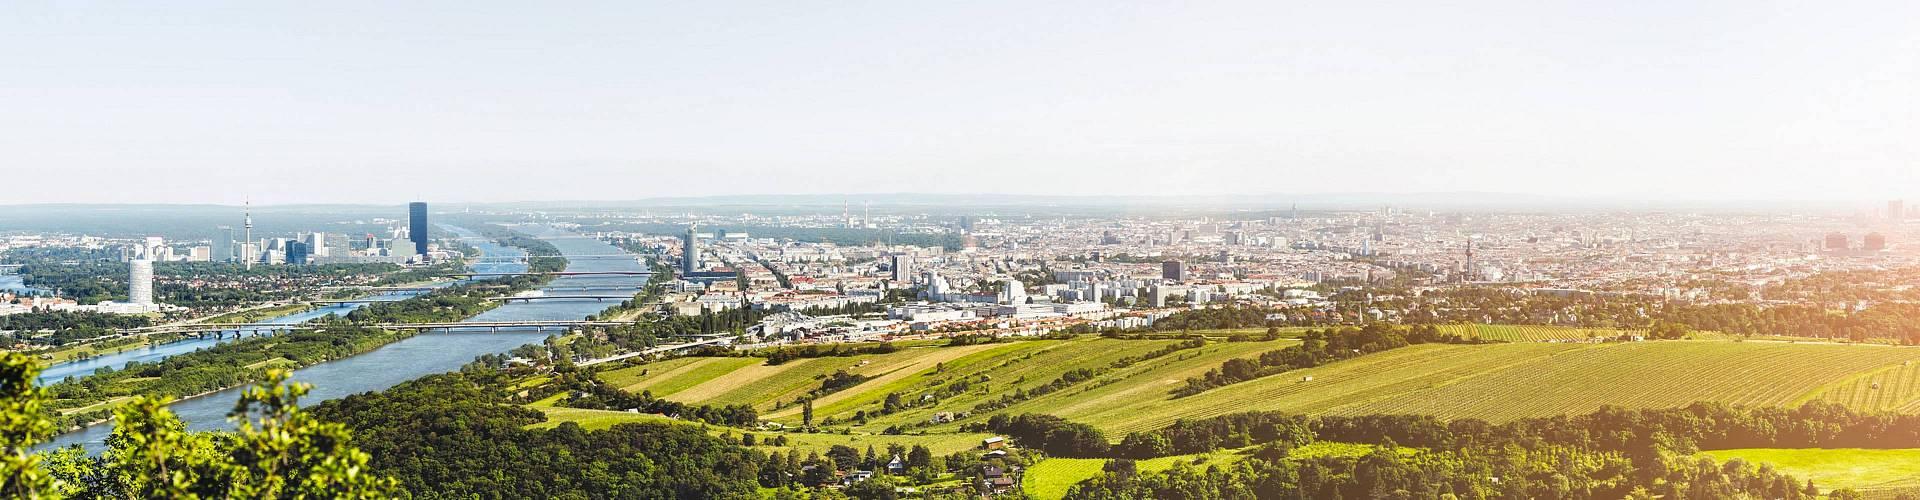 Immobilienbüros und Immobilienmakler in Österreich © and.one - fotolia.com Immobilienbüros und Immobilienmakler in Österreich © and.one - fotolia.com